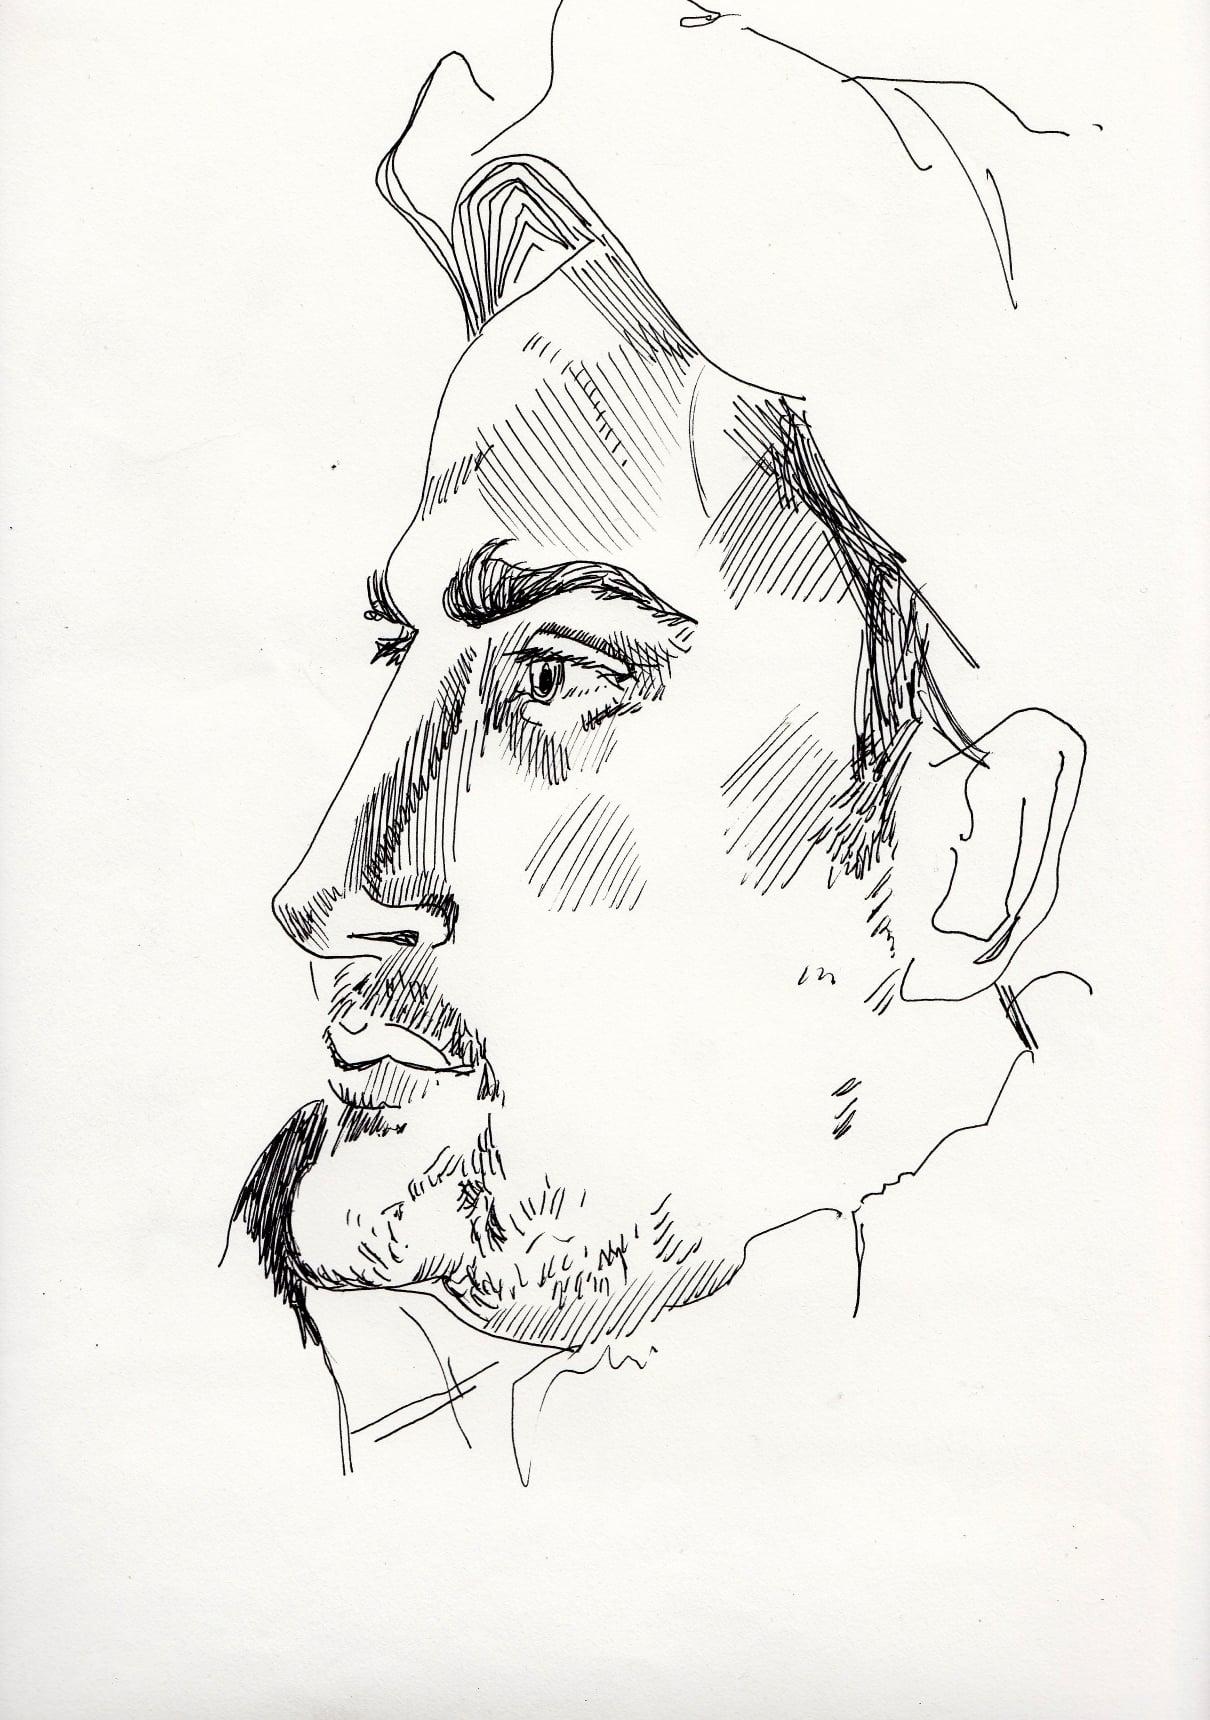 Manlio Sacco penna su carta 2013 Penna su carta